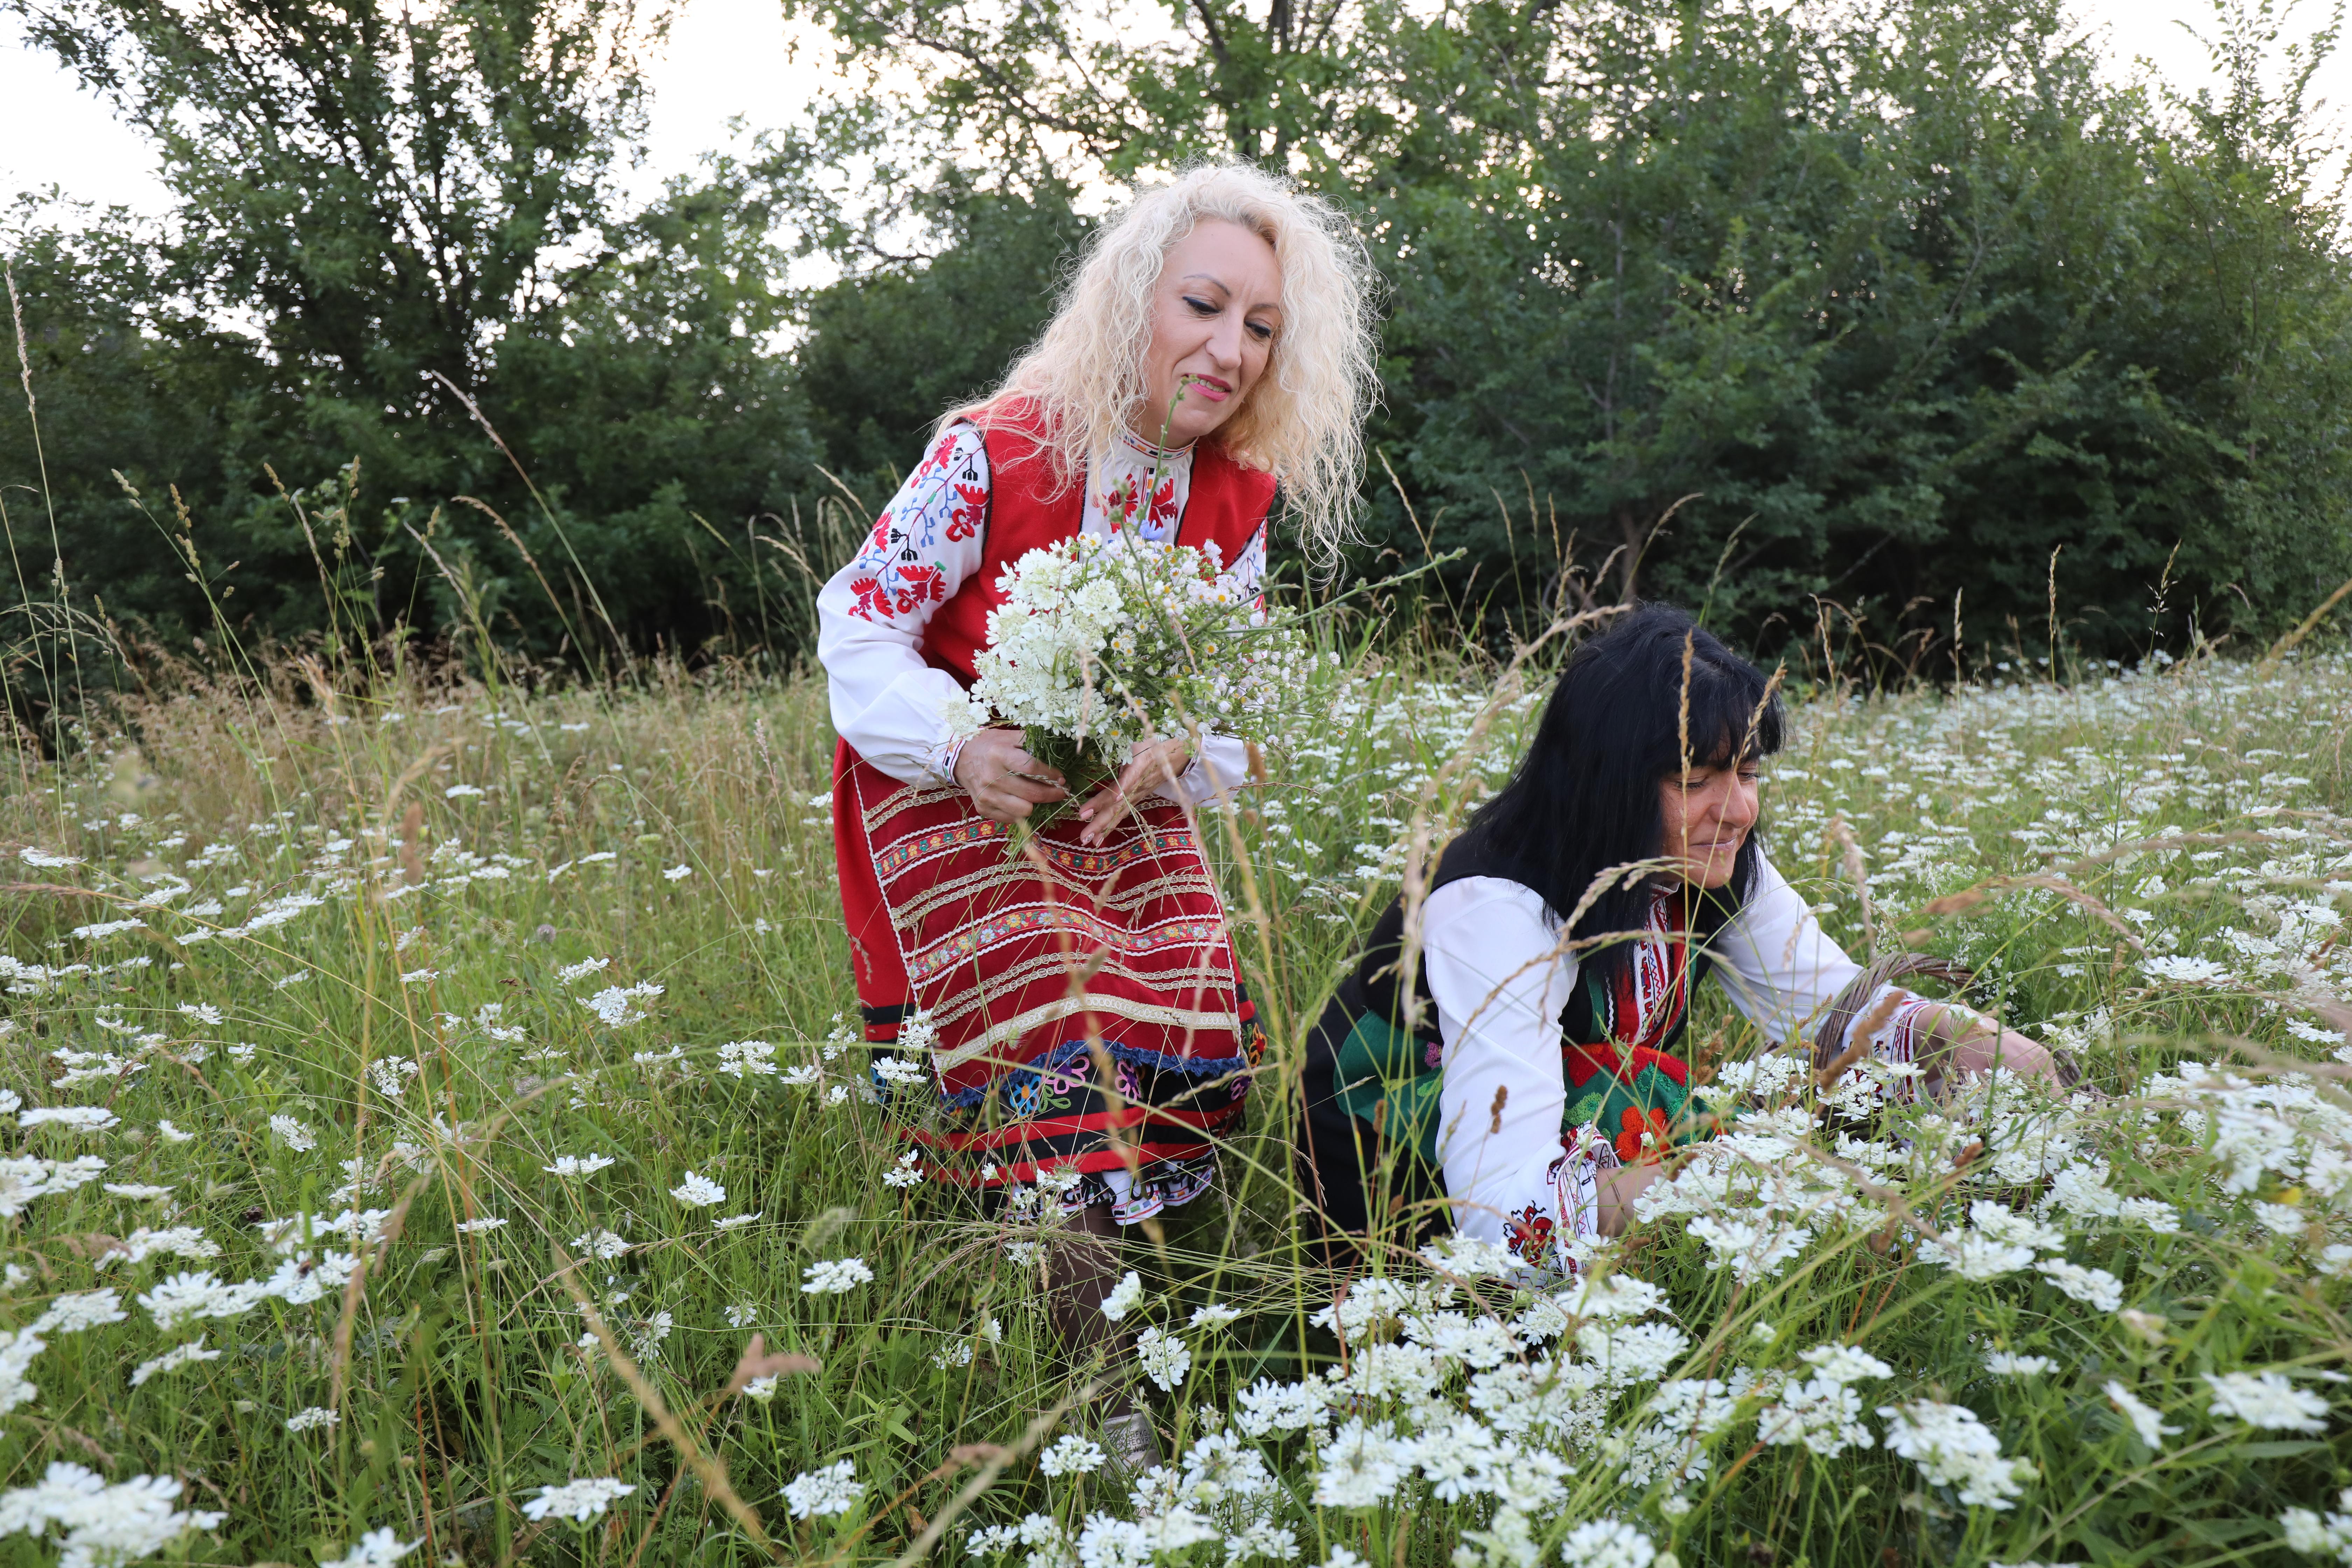 Смята се, че на Еньовден различните треви и билки имат най-голяма лечебна сила, особено на изгрев слънце. Според народните вярвания еньовденските билки се използват за лекуване на хората. С тях се лекуват бездетни жени, прогонват се зли духове, правят се магии за любов и омраза.